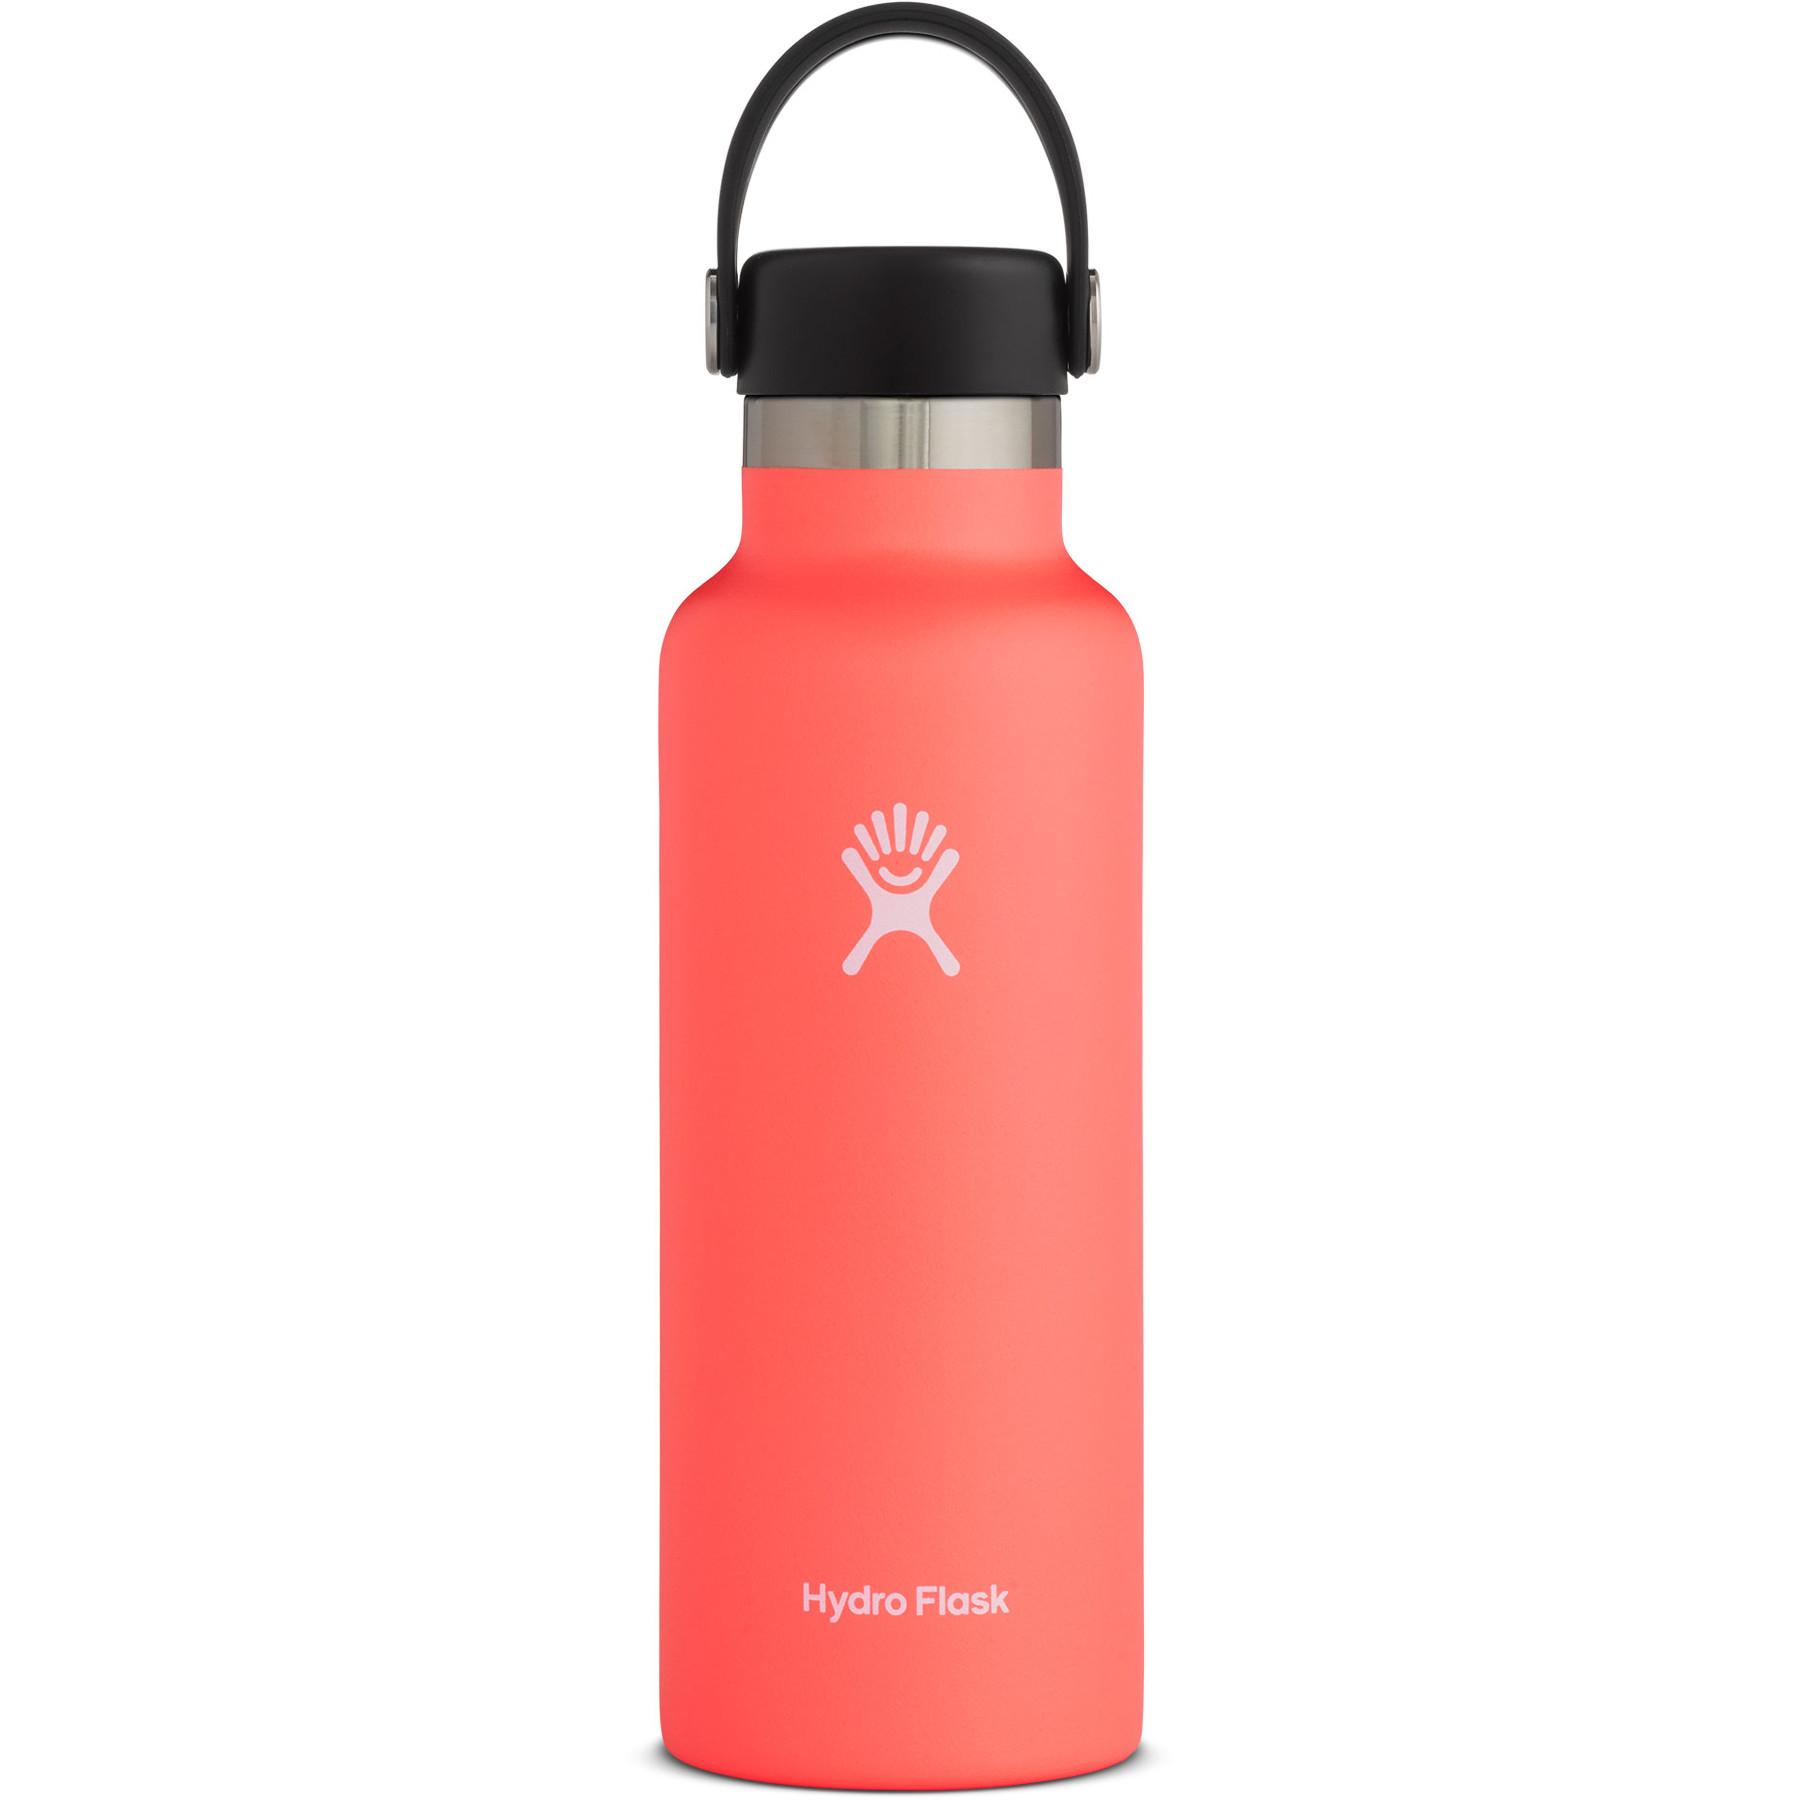 Produktbild von Hydro Flask 18 oz Standard Mouth Flex Cap Thermoflasche 532ml - Hibiscus